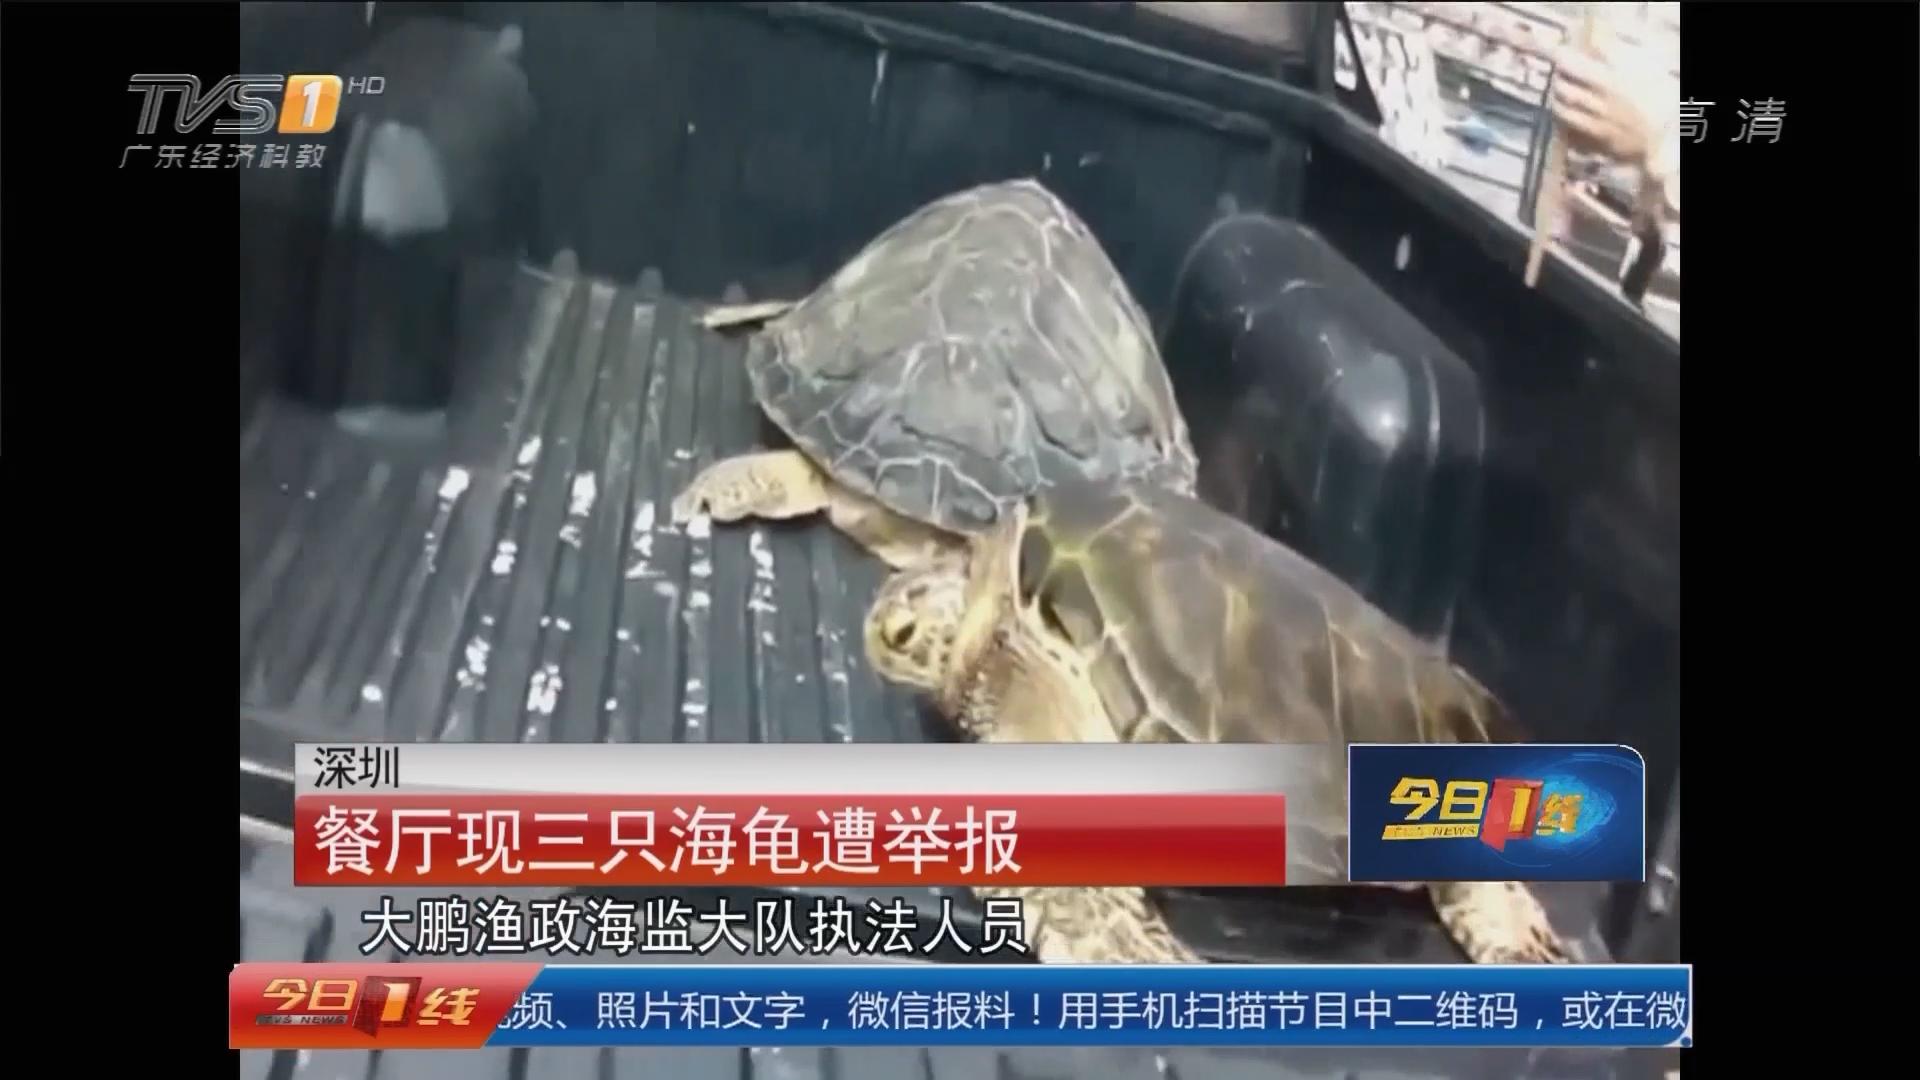 深圳:餐厅现三只海龟遭举报